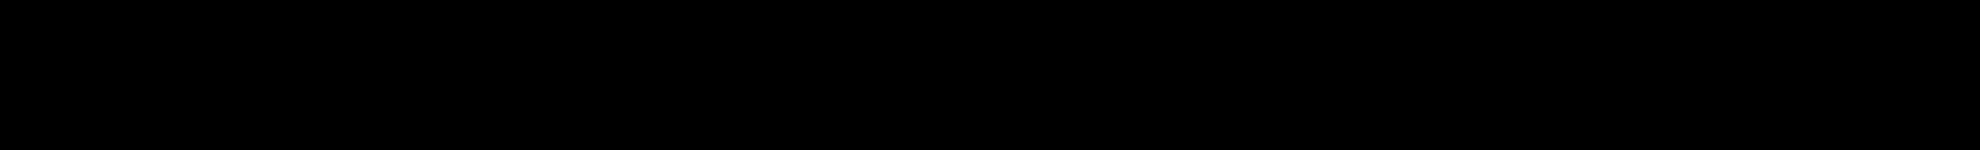 eloomi-vide-blank-narrow-3